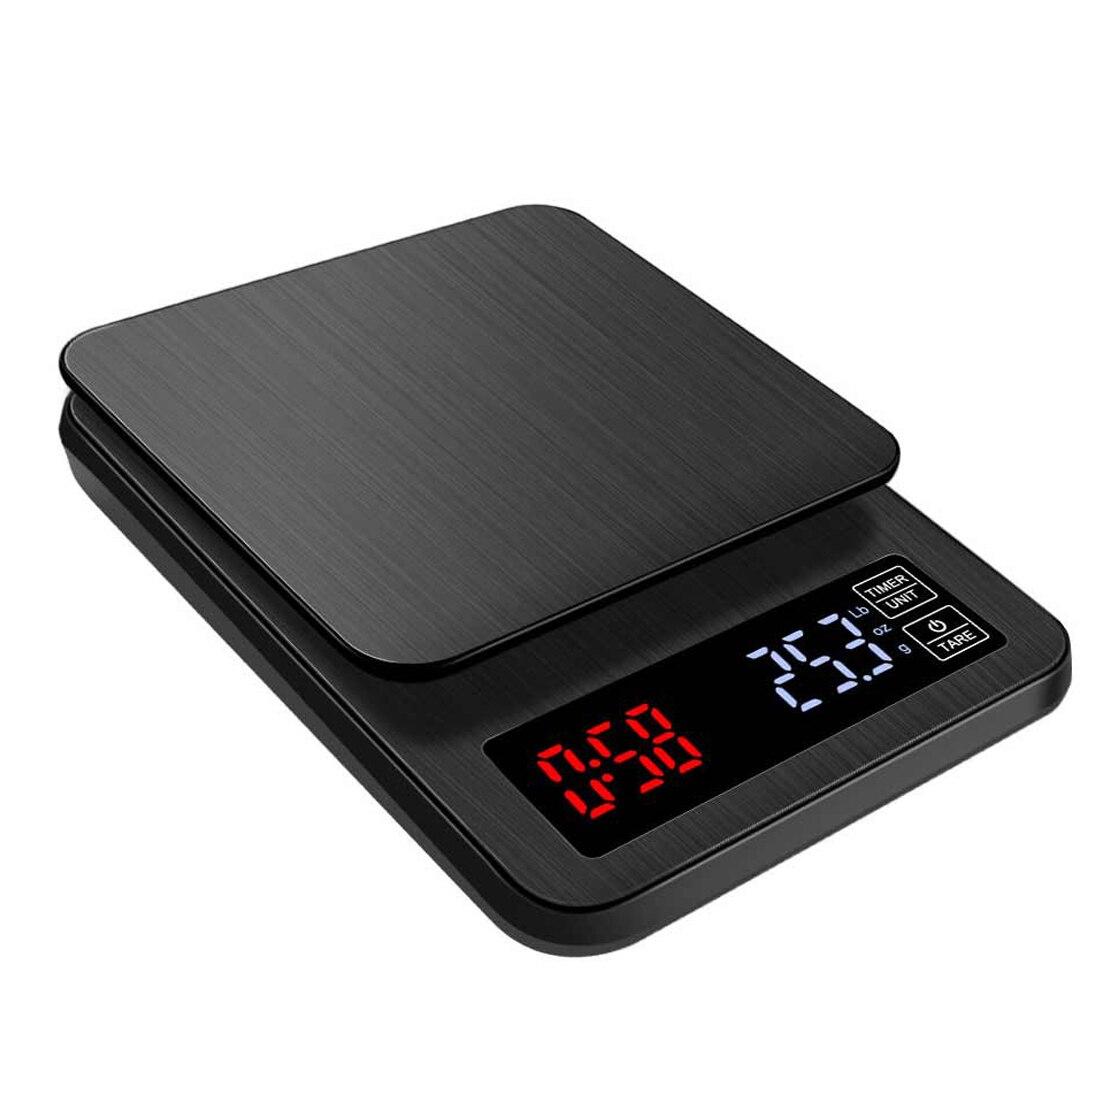 3/5/10kg 0.1g/0.01g LCD Electronic KITCHEN เครื่องชั่งน้ำหนักที่ใช้ในครัวเรือน BALANCE เครื่องมือวัดสแตนเลสเครื่องชั่งน้...